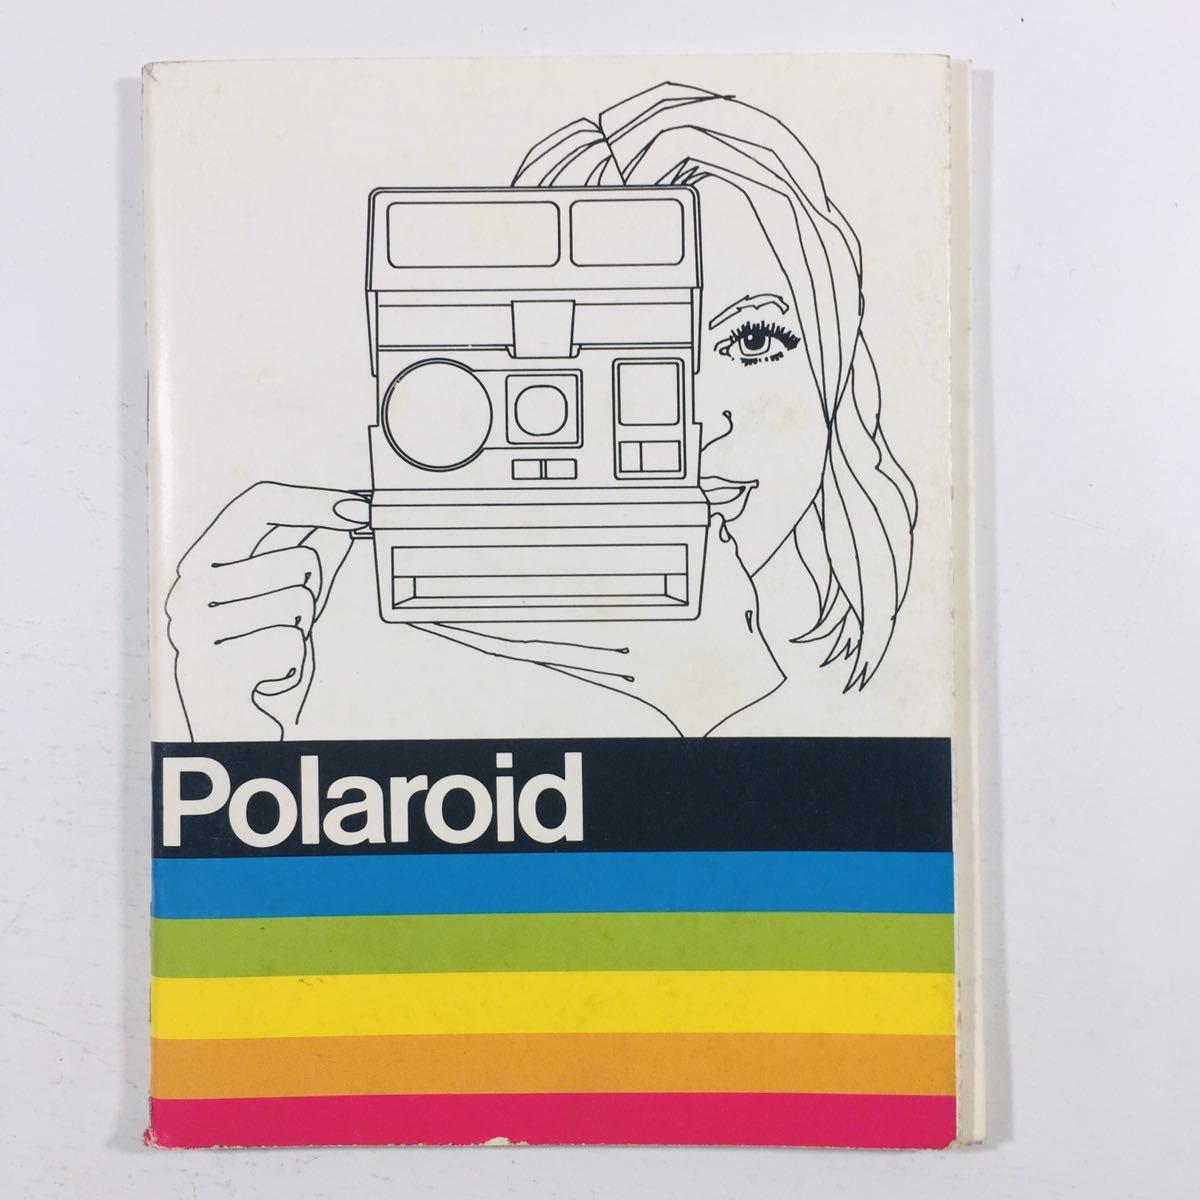 【 説明書 のみ 】 純正 オリジナル polaroid ポラロイド 660 英文 外国語 取扱 使用 レトロ フィルム カメラ レア 当時物 貴重_画像1